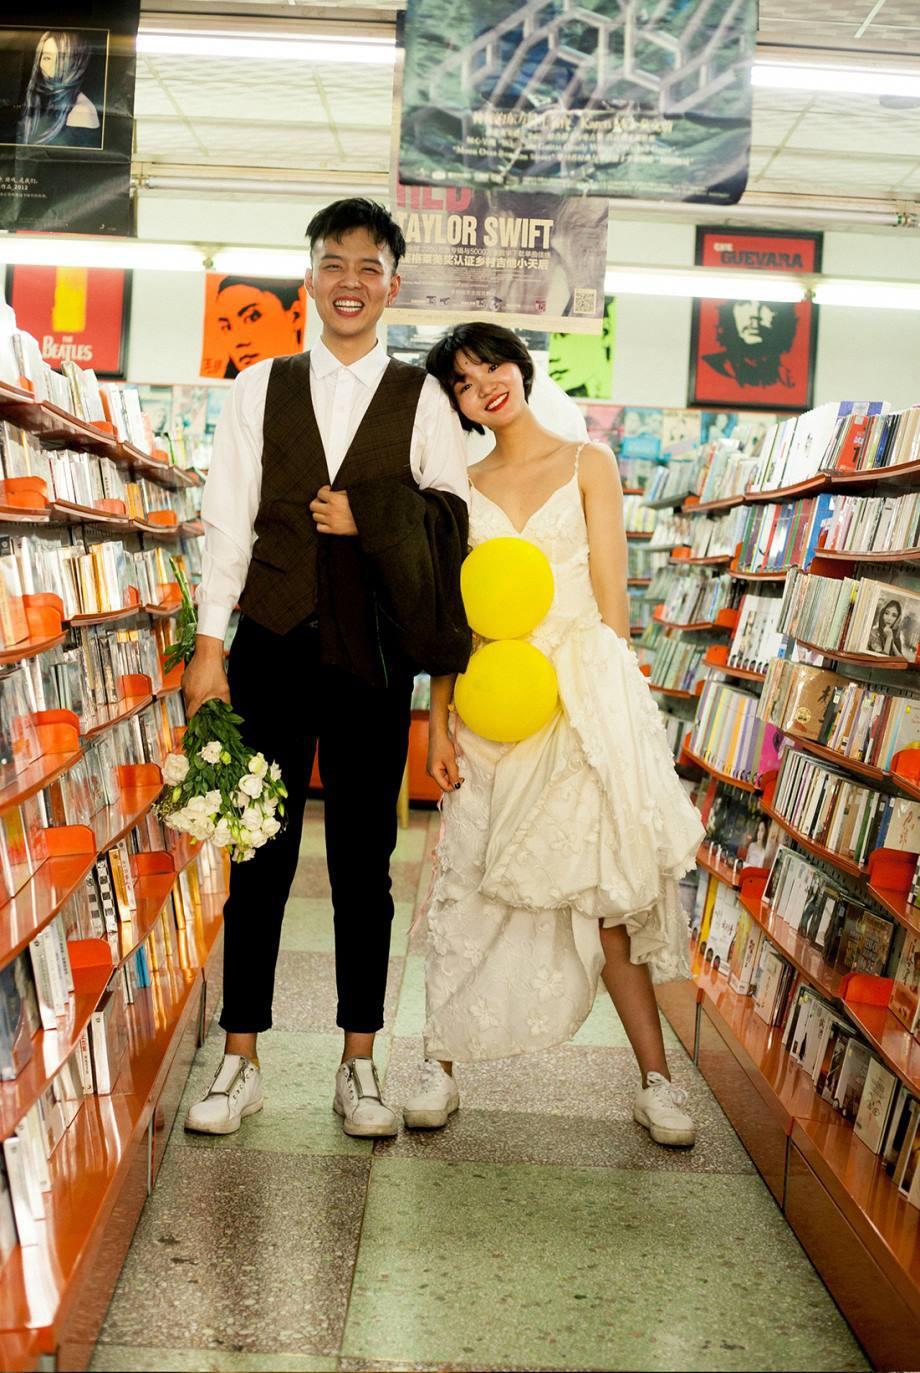 Bộ ảnh cưới mùa hè của cô dâu tóc ngắn đi giày thể thao giúp bạn định nghĩa lại về cái đẹp - Ảnh 2.